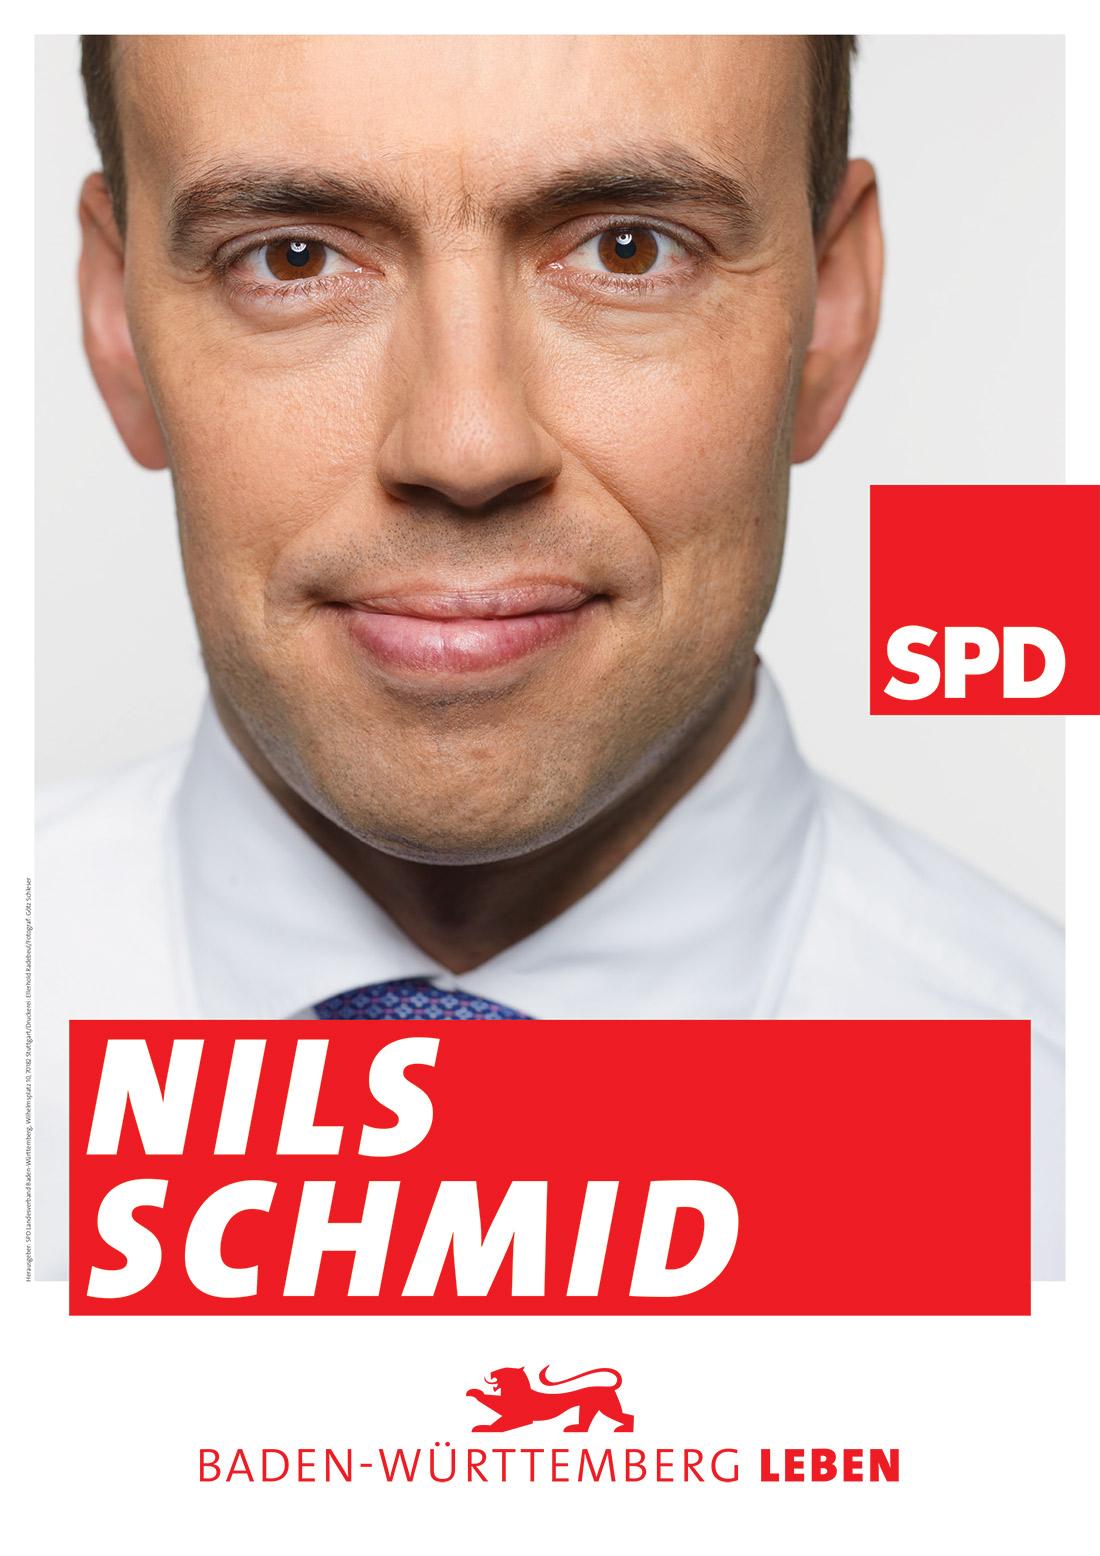 SPD <b>Nils Schmid</b> – Plakat zur Landtagswahl in Baden-Württemberg 2016 - landtagswahl-bw-2016-spd-plakat-nils-schmid-2